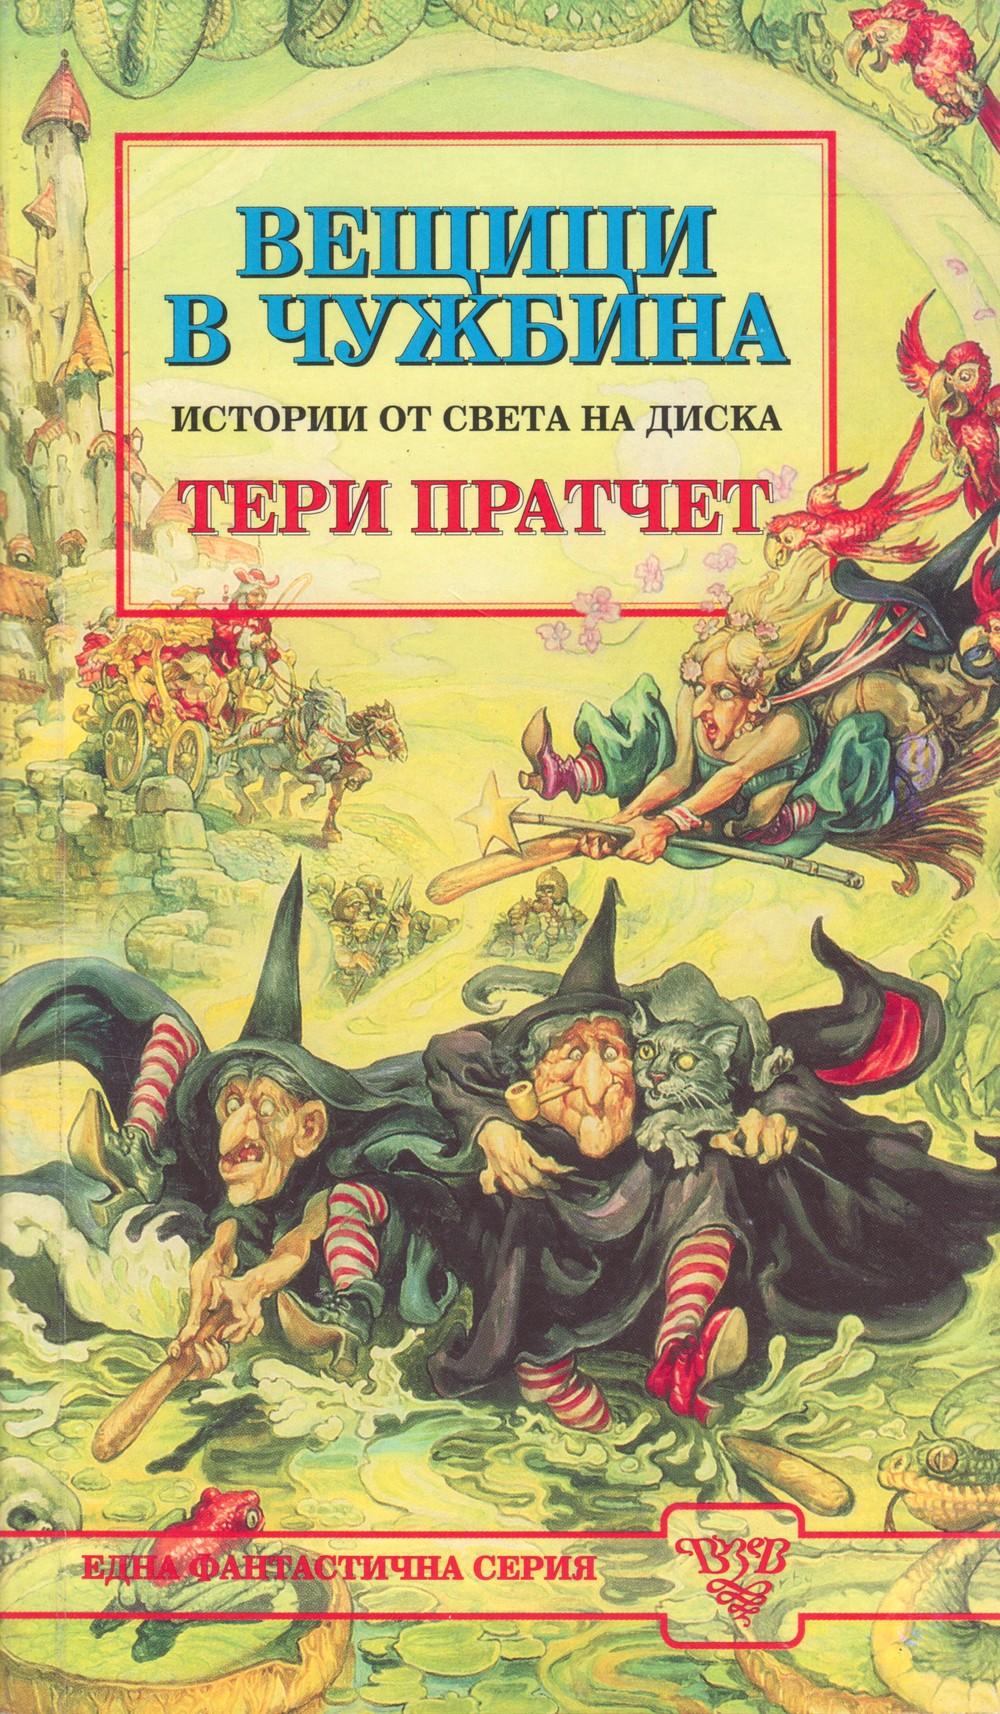 Вещици в чужбина (Истории от Света на диска 12)